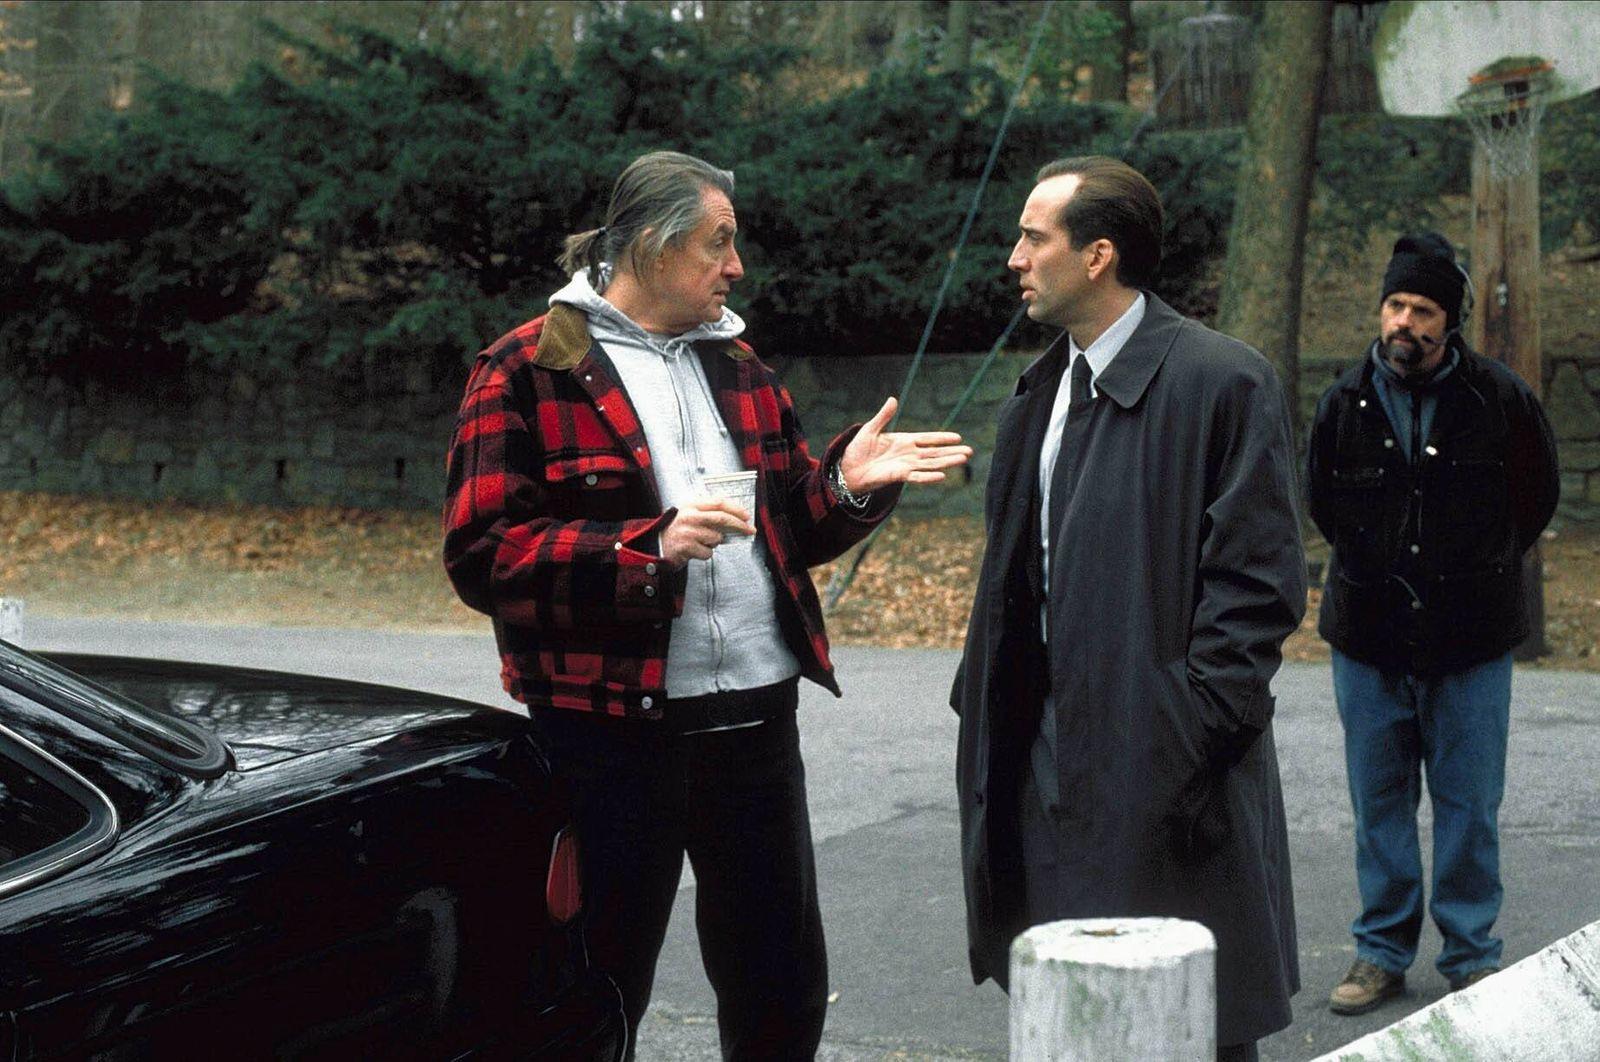 Joel Schumacher & Nicolas Cage Characters: & Tom Welles Film: 8mm (USA/DE 1999) Director: Joel Schumacher 19 February 19